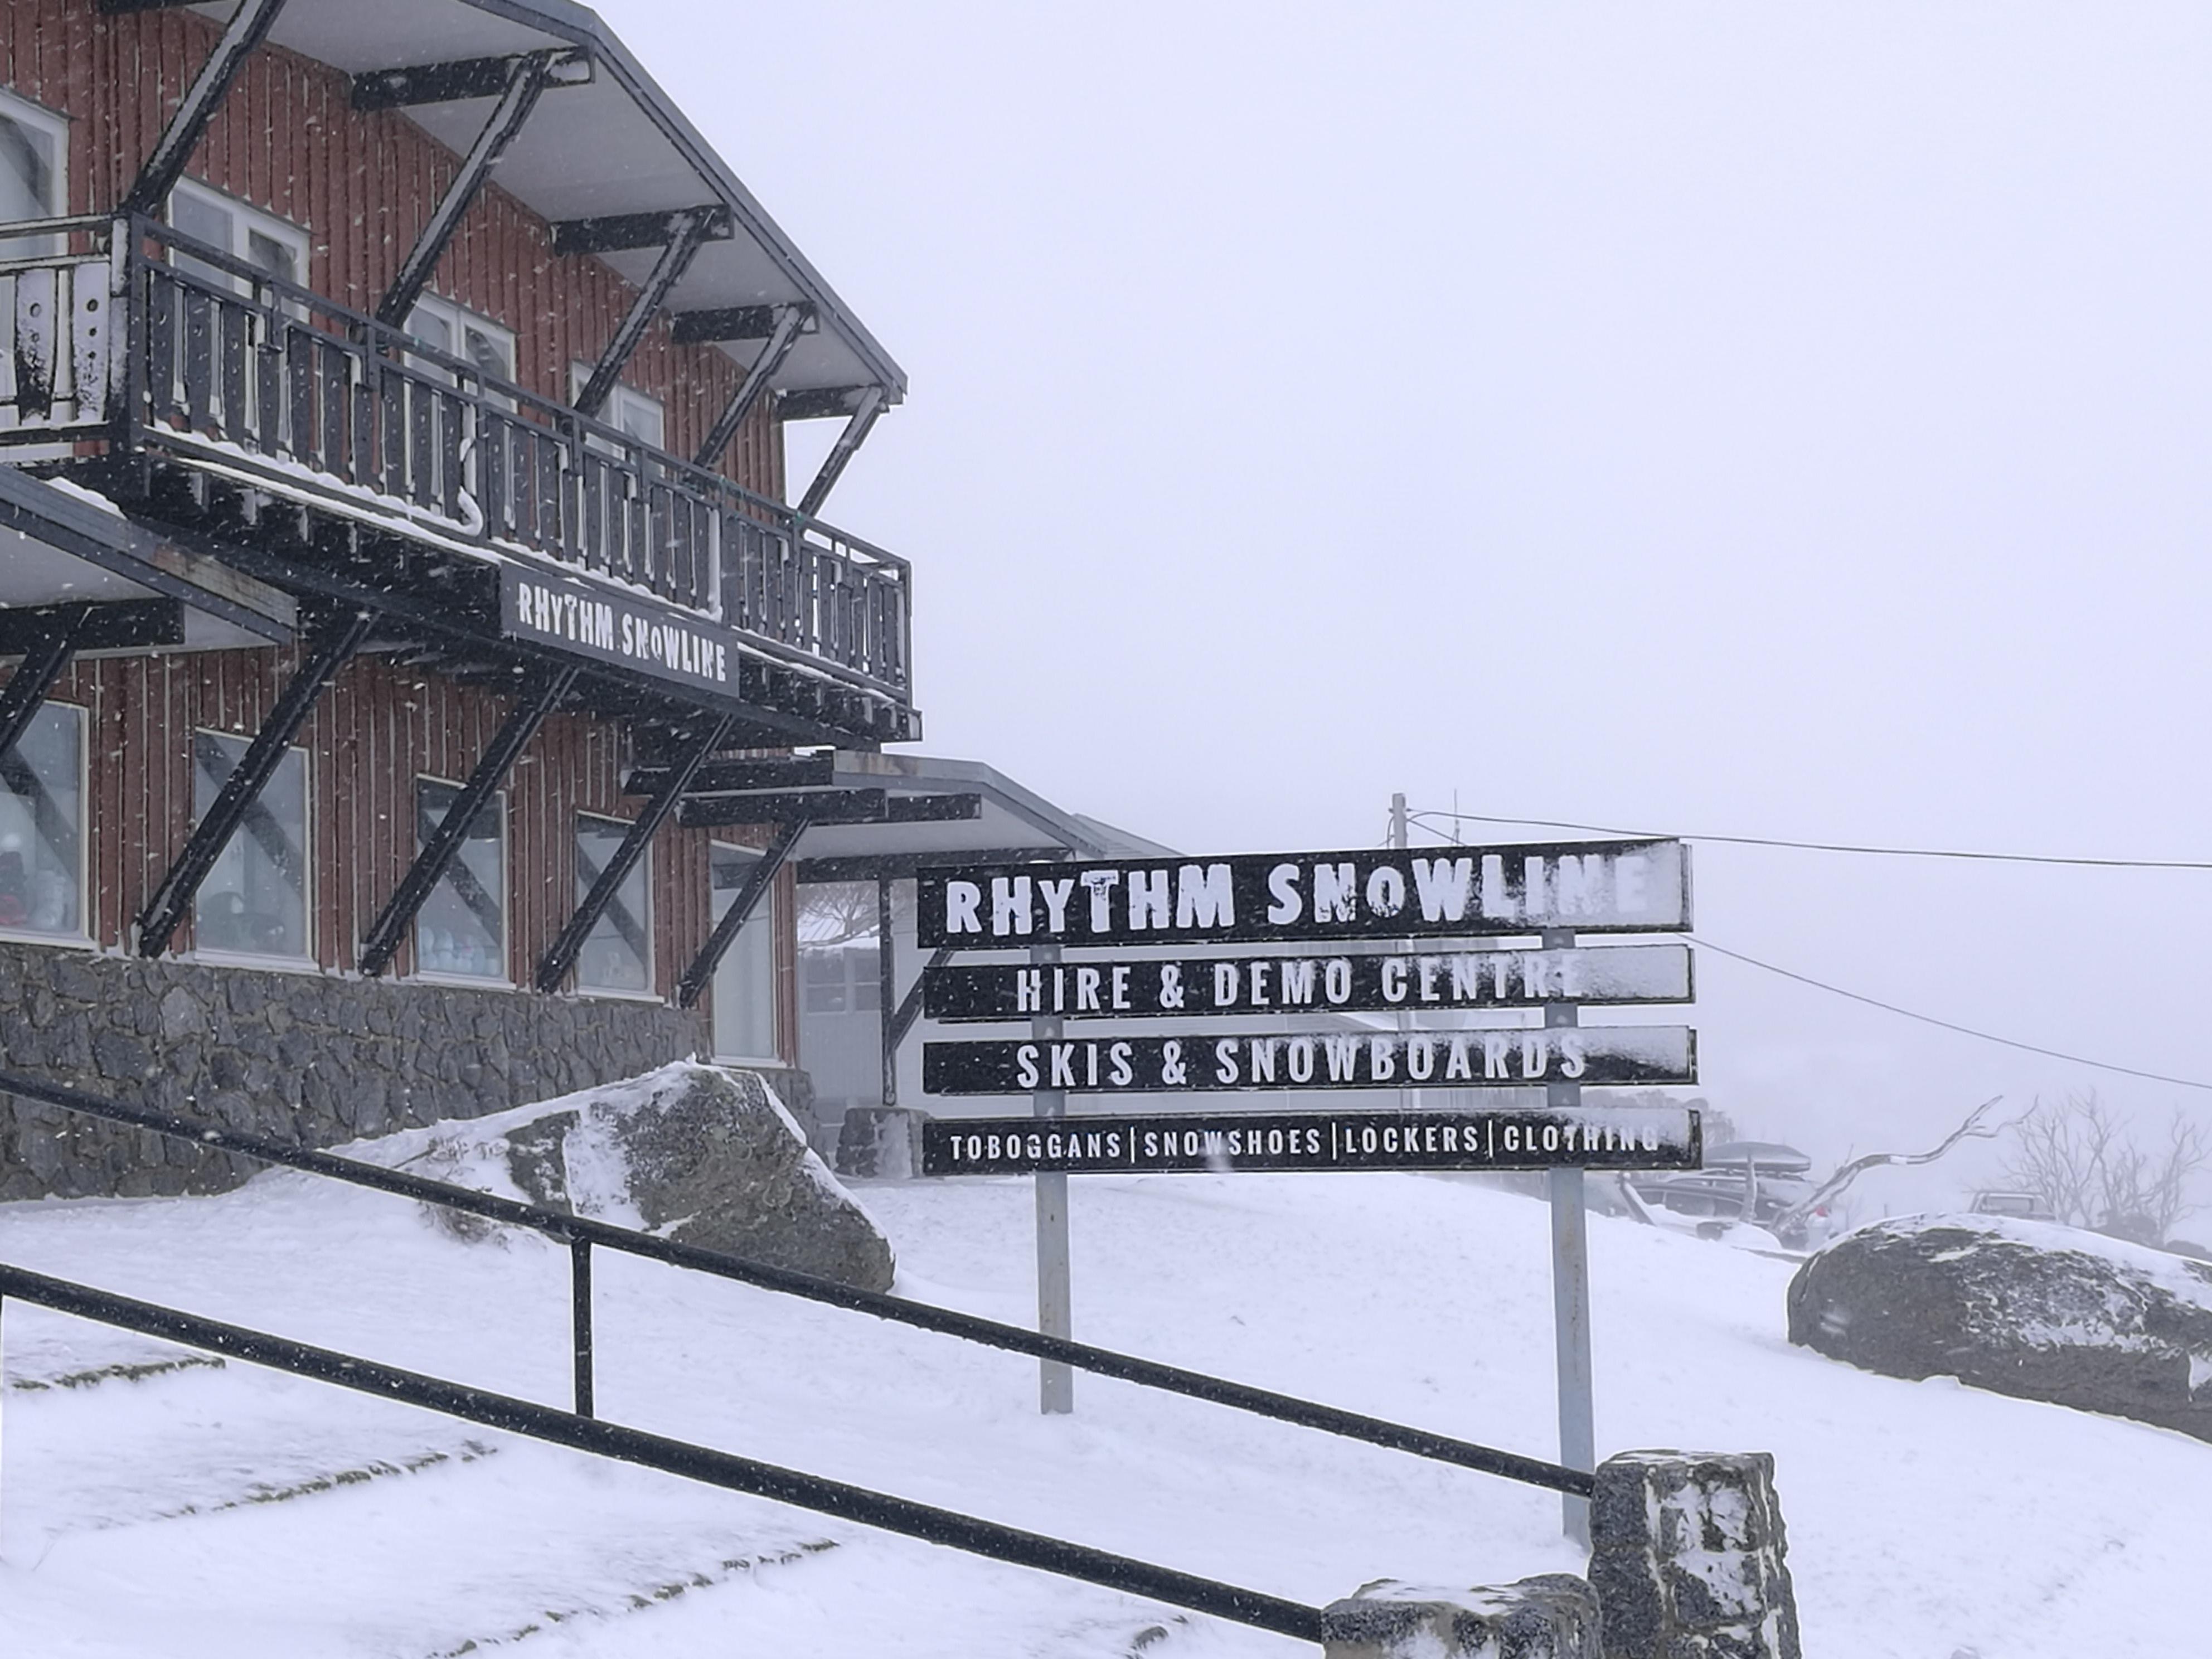 Rhythm Snowline Ski Hire